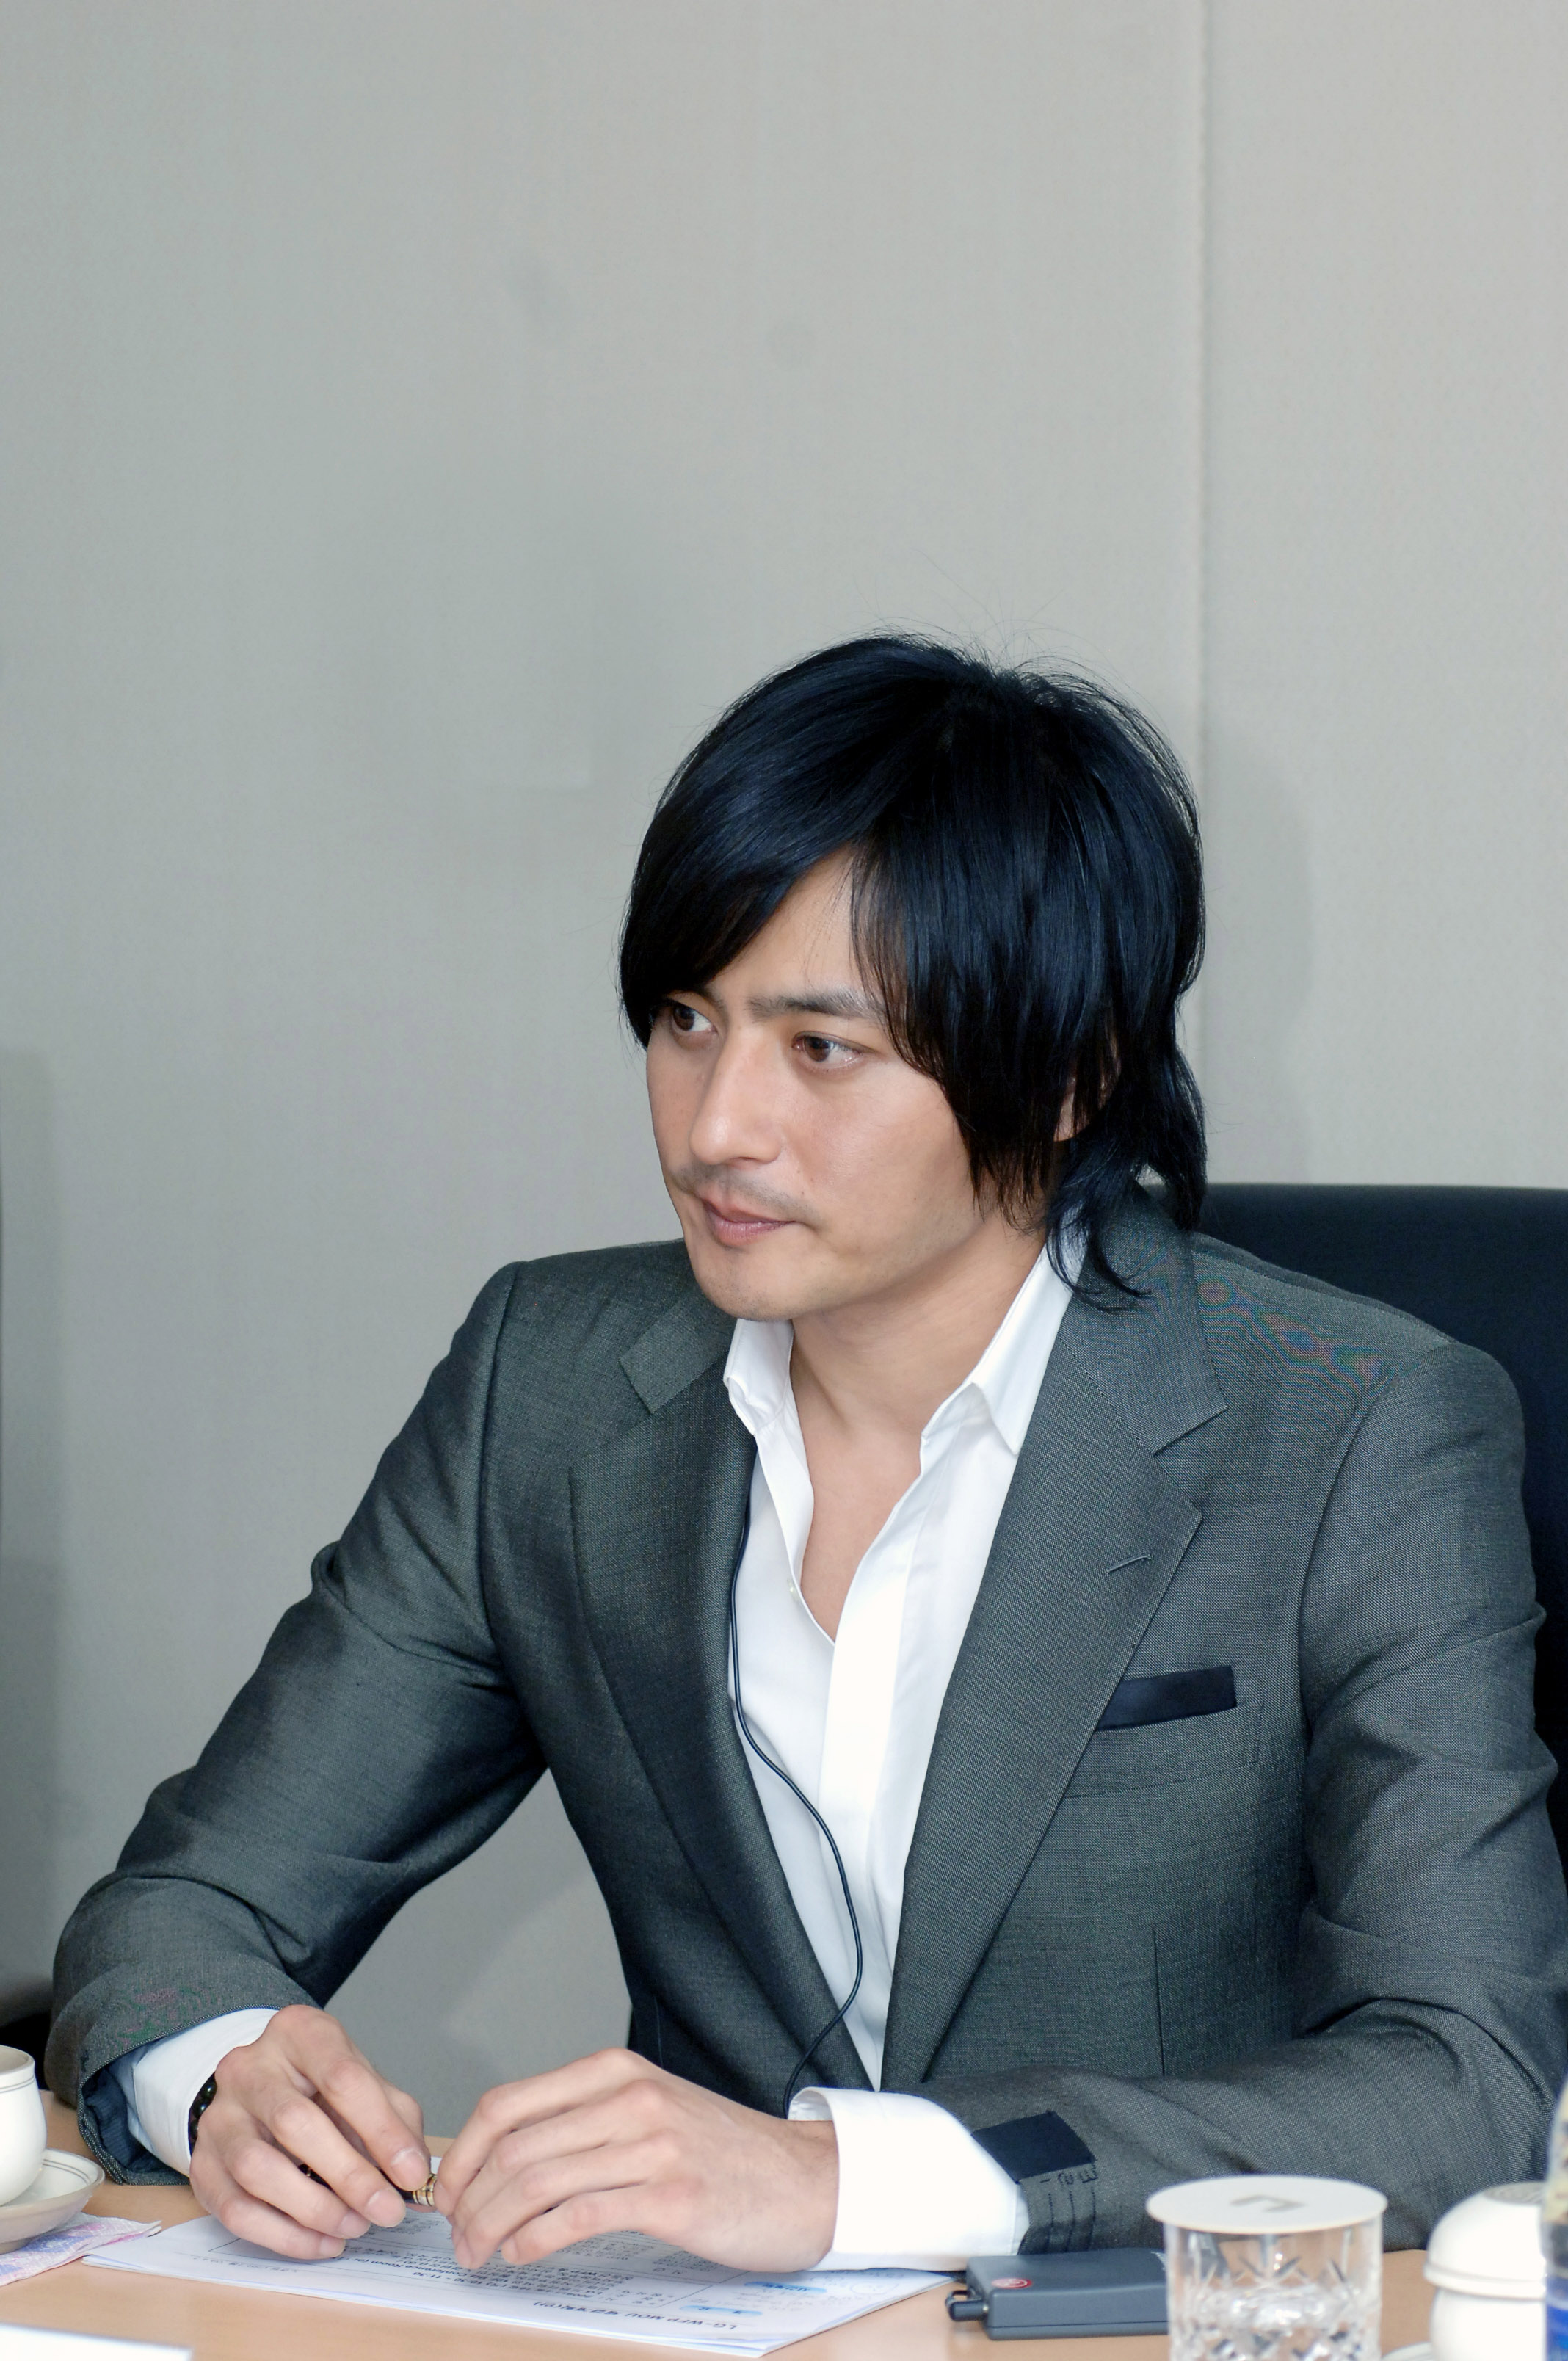 Jang Dong Gun - Gallery Photo Colection